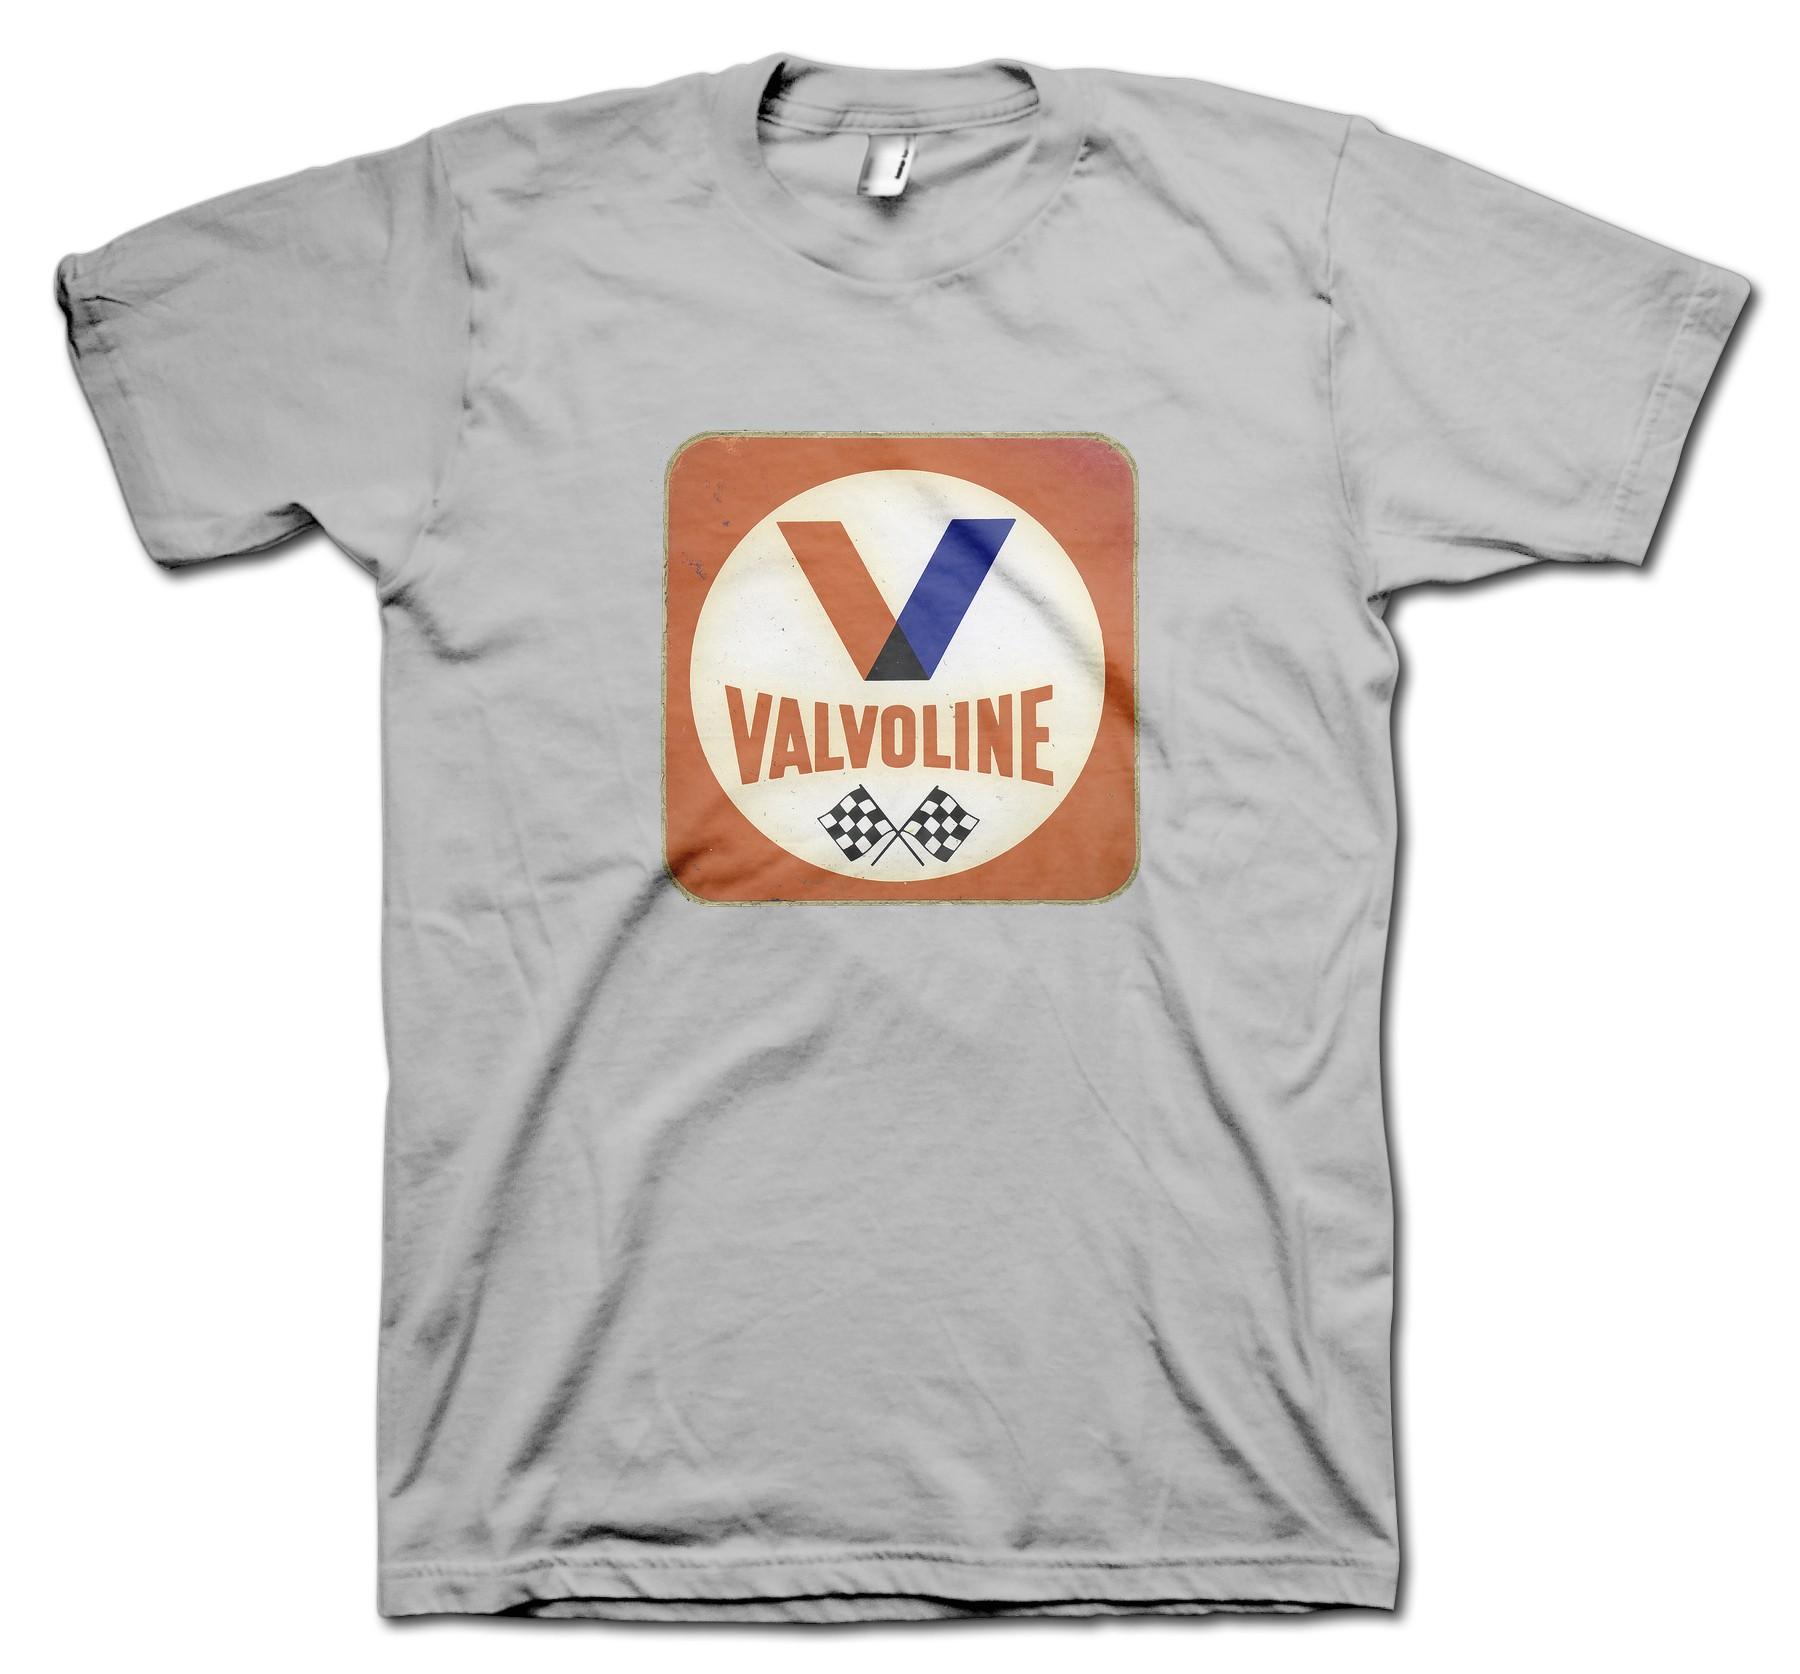 Valvoline Retro T-Shirt